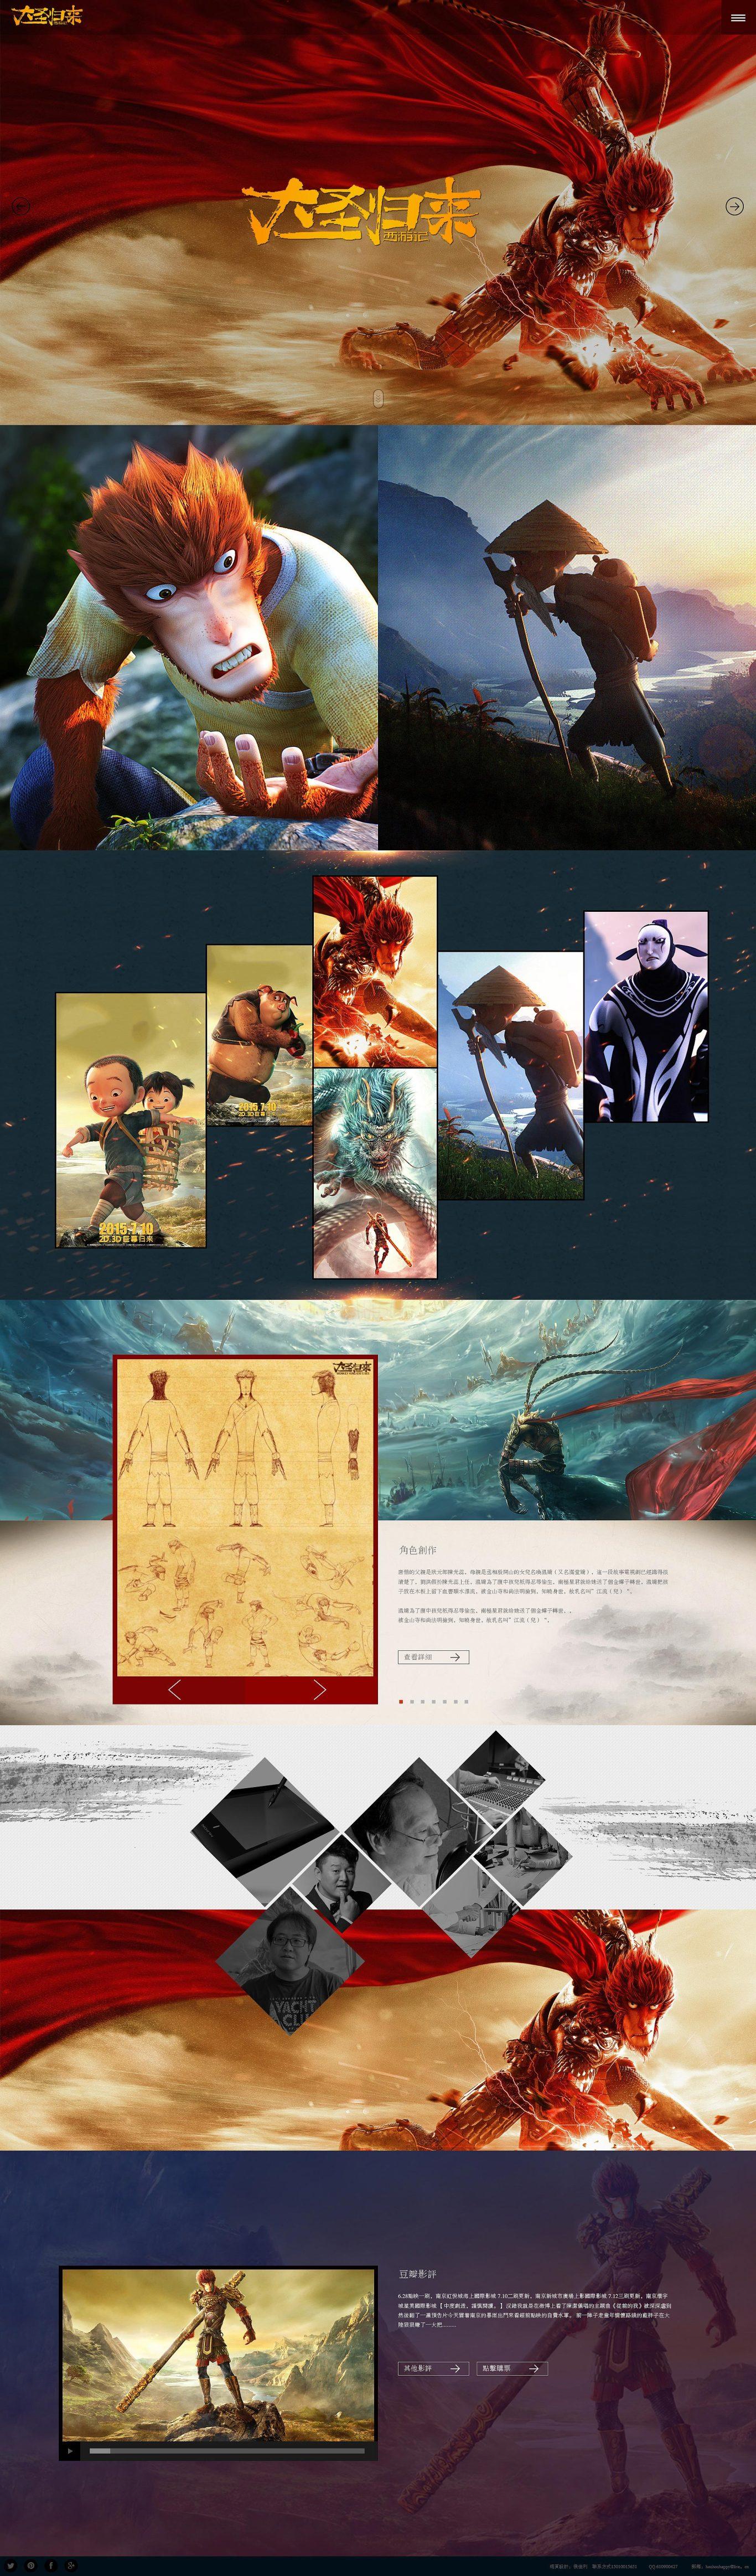 大圣归来-响应式官方网站概念版图2